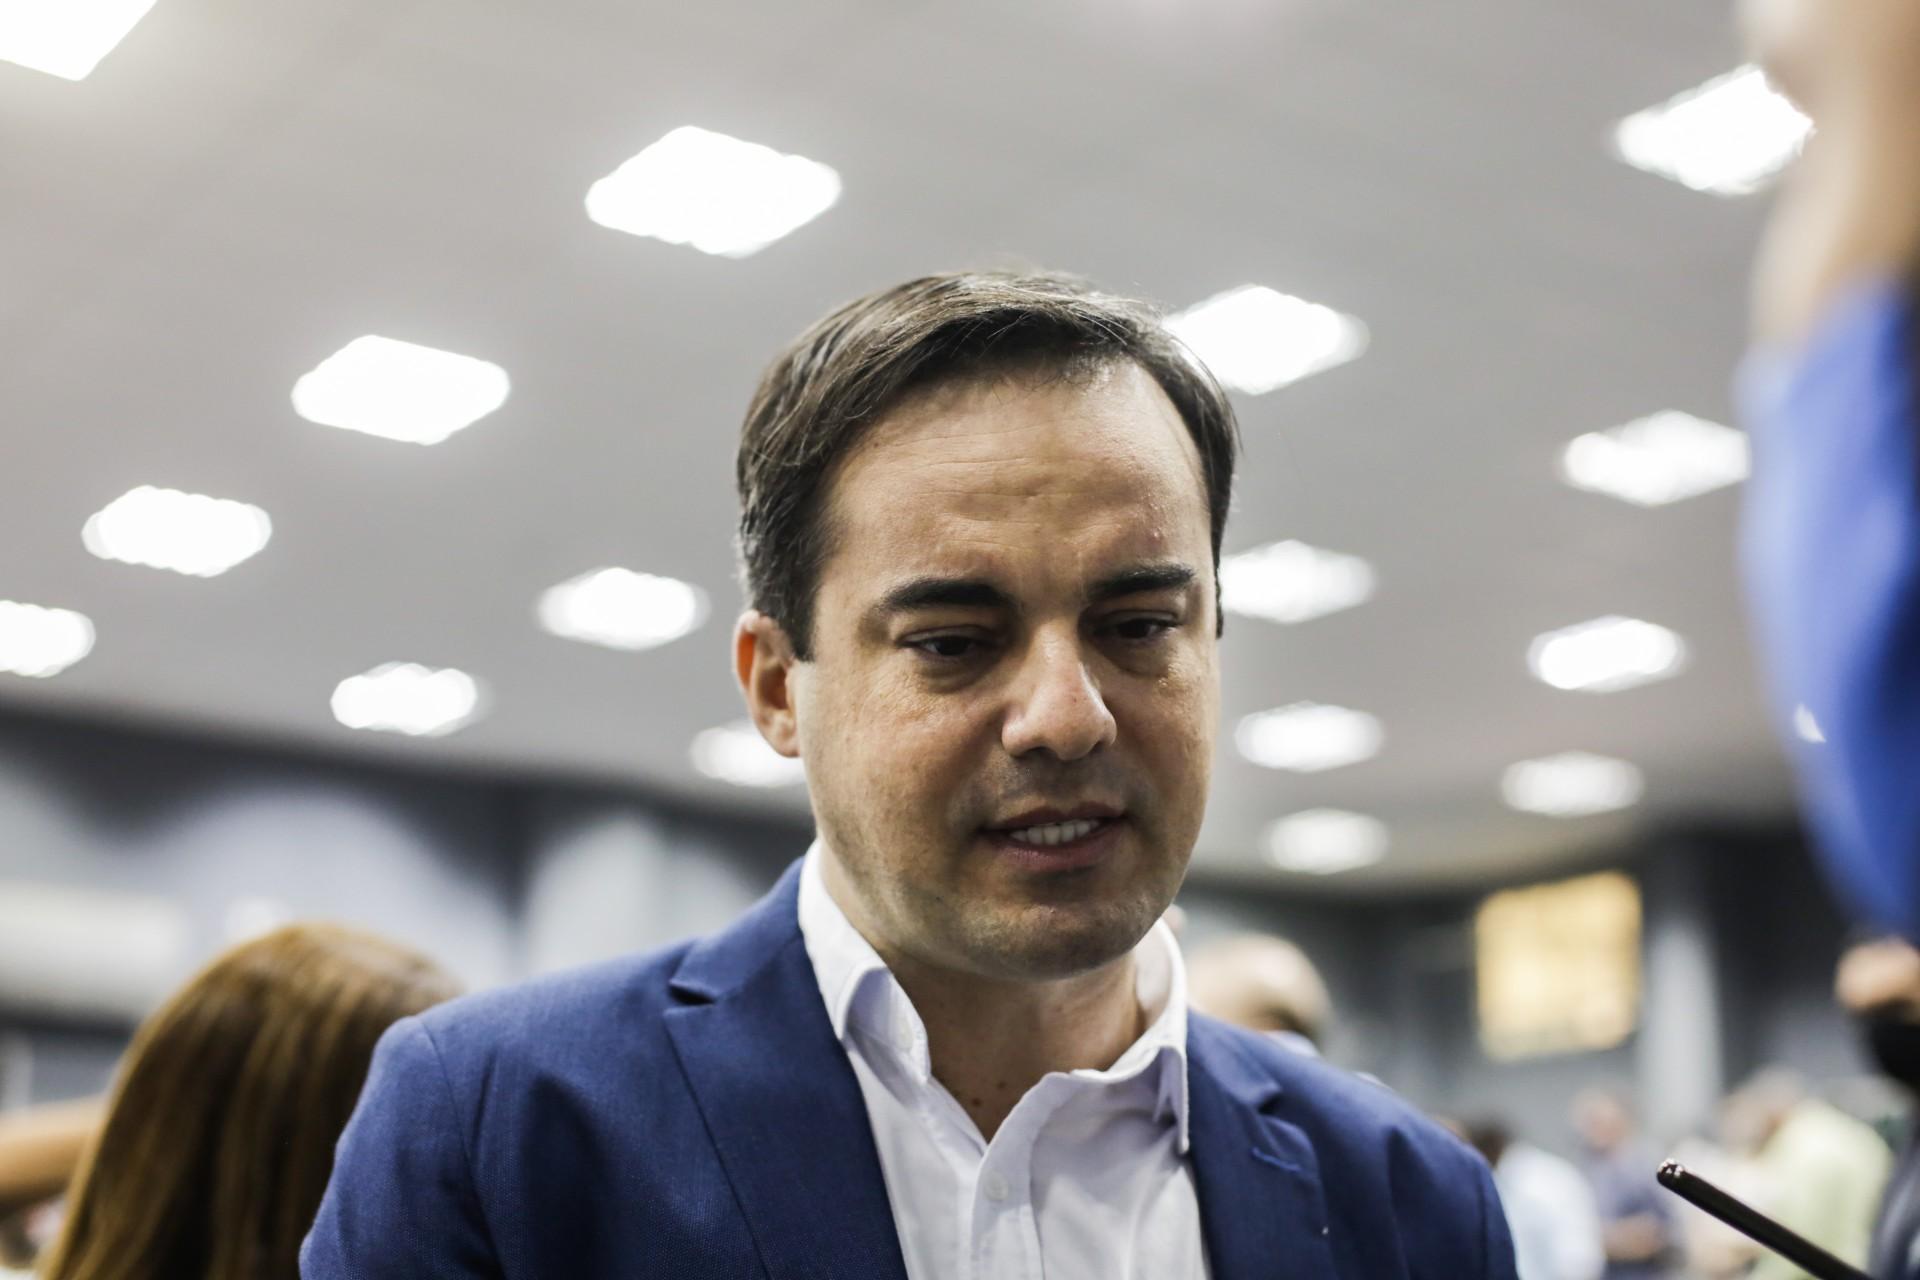 Capitão Wagner move três outros processos contra Ciro, e já ganhou indenização de R$ 20 mil na 1ª instância (Foto: Thais Mesquita/O POVO)